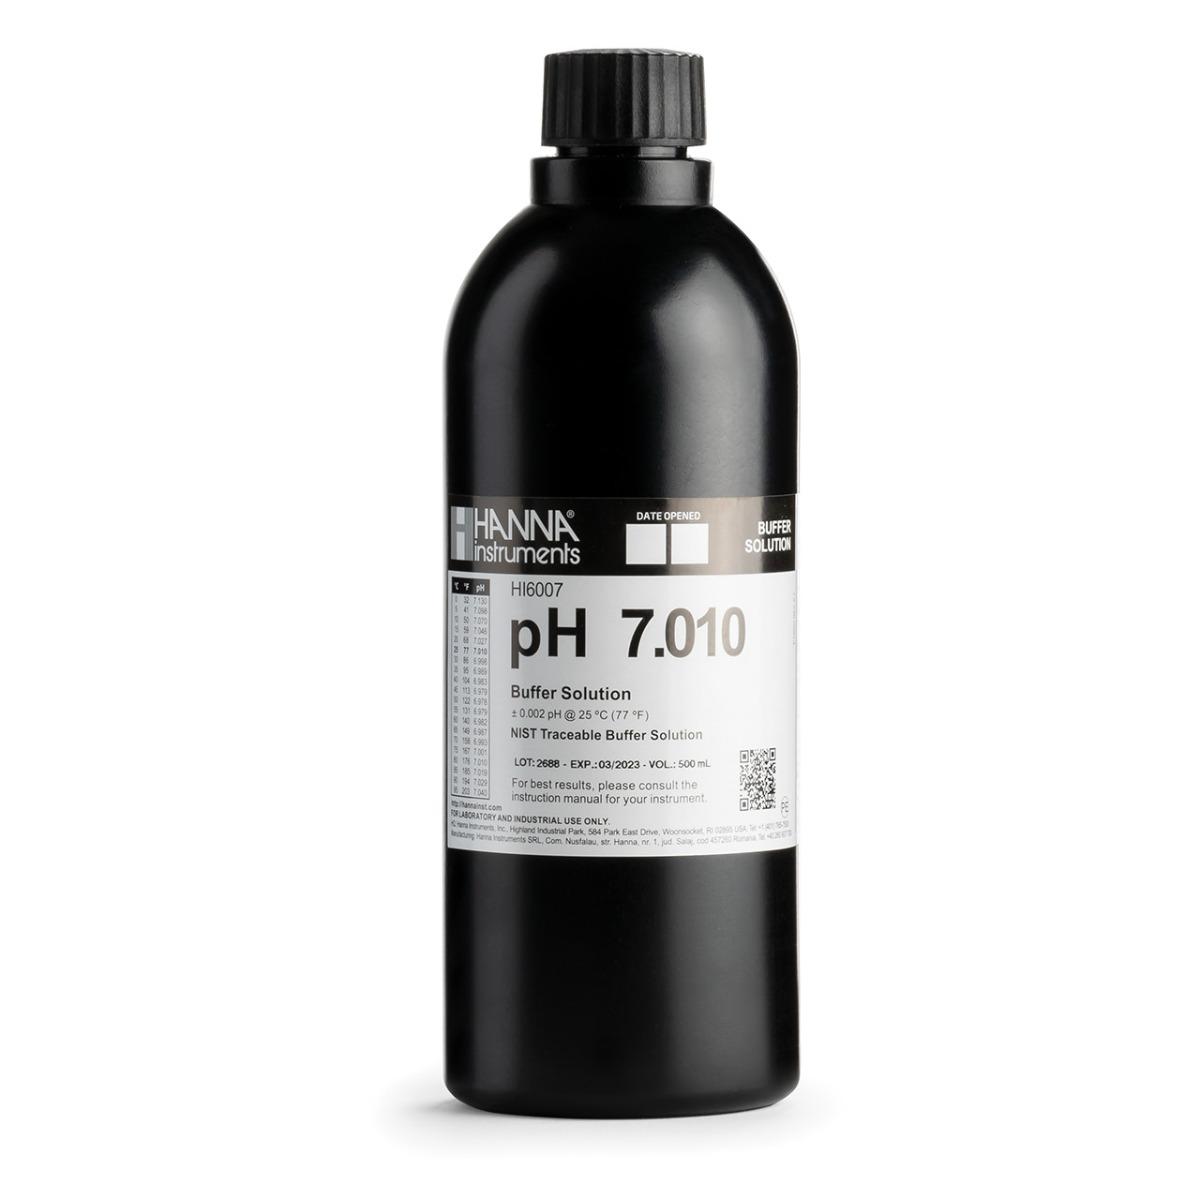 HI6007-01 pH 7.010 Millesimal Calibration Buffer (1 L)